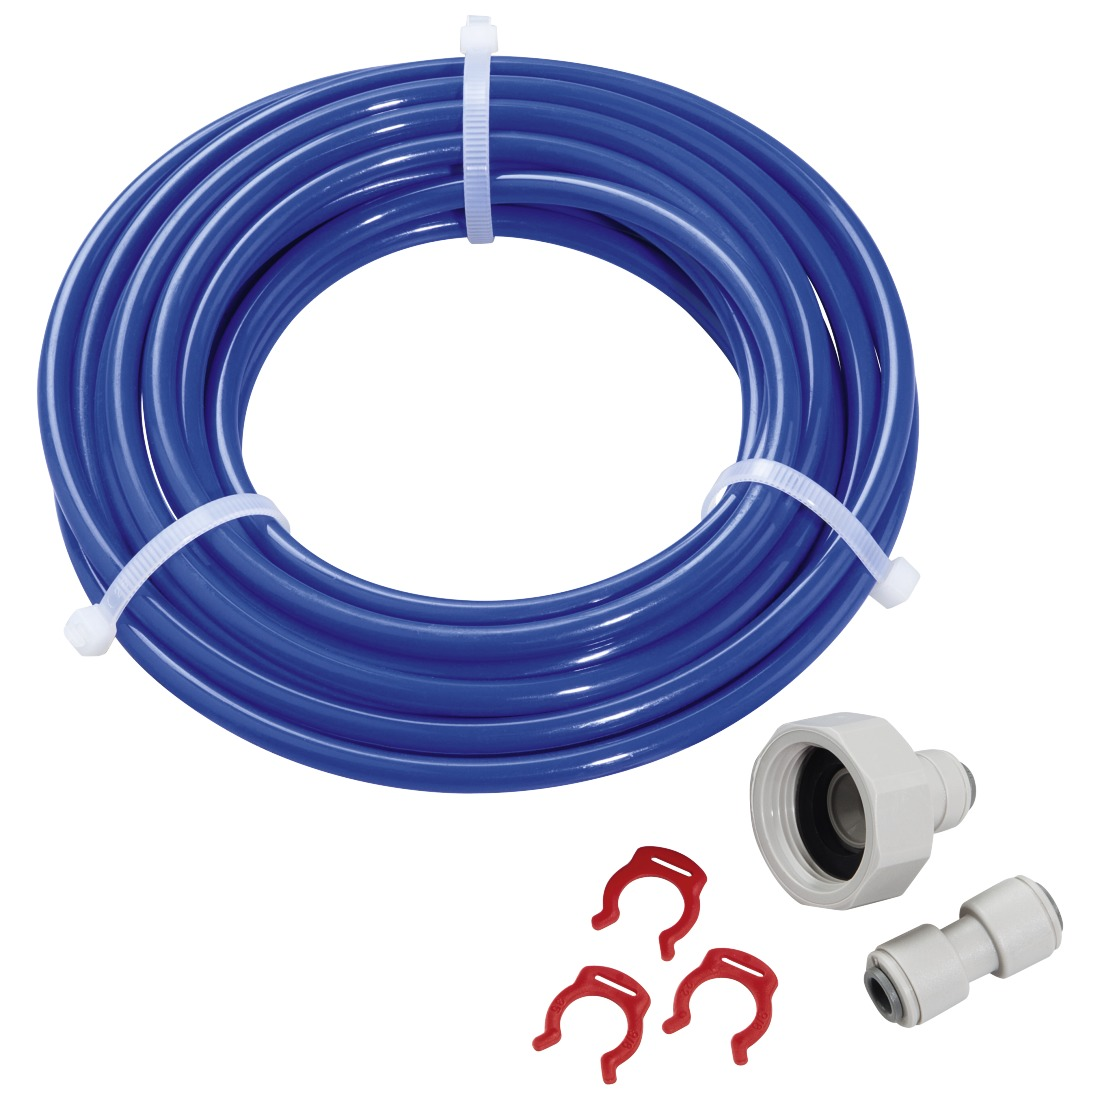 Korting Xavax Water connectie kit voor Amerikaanse koelkast koolstoffilter